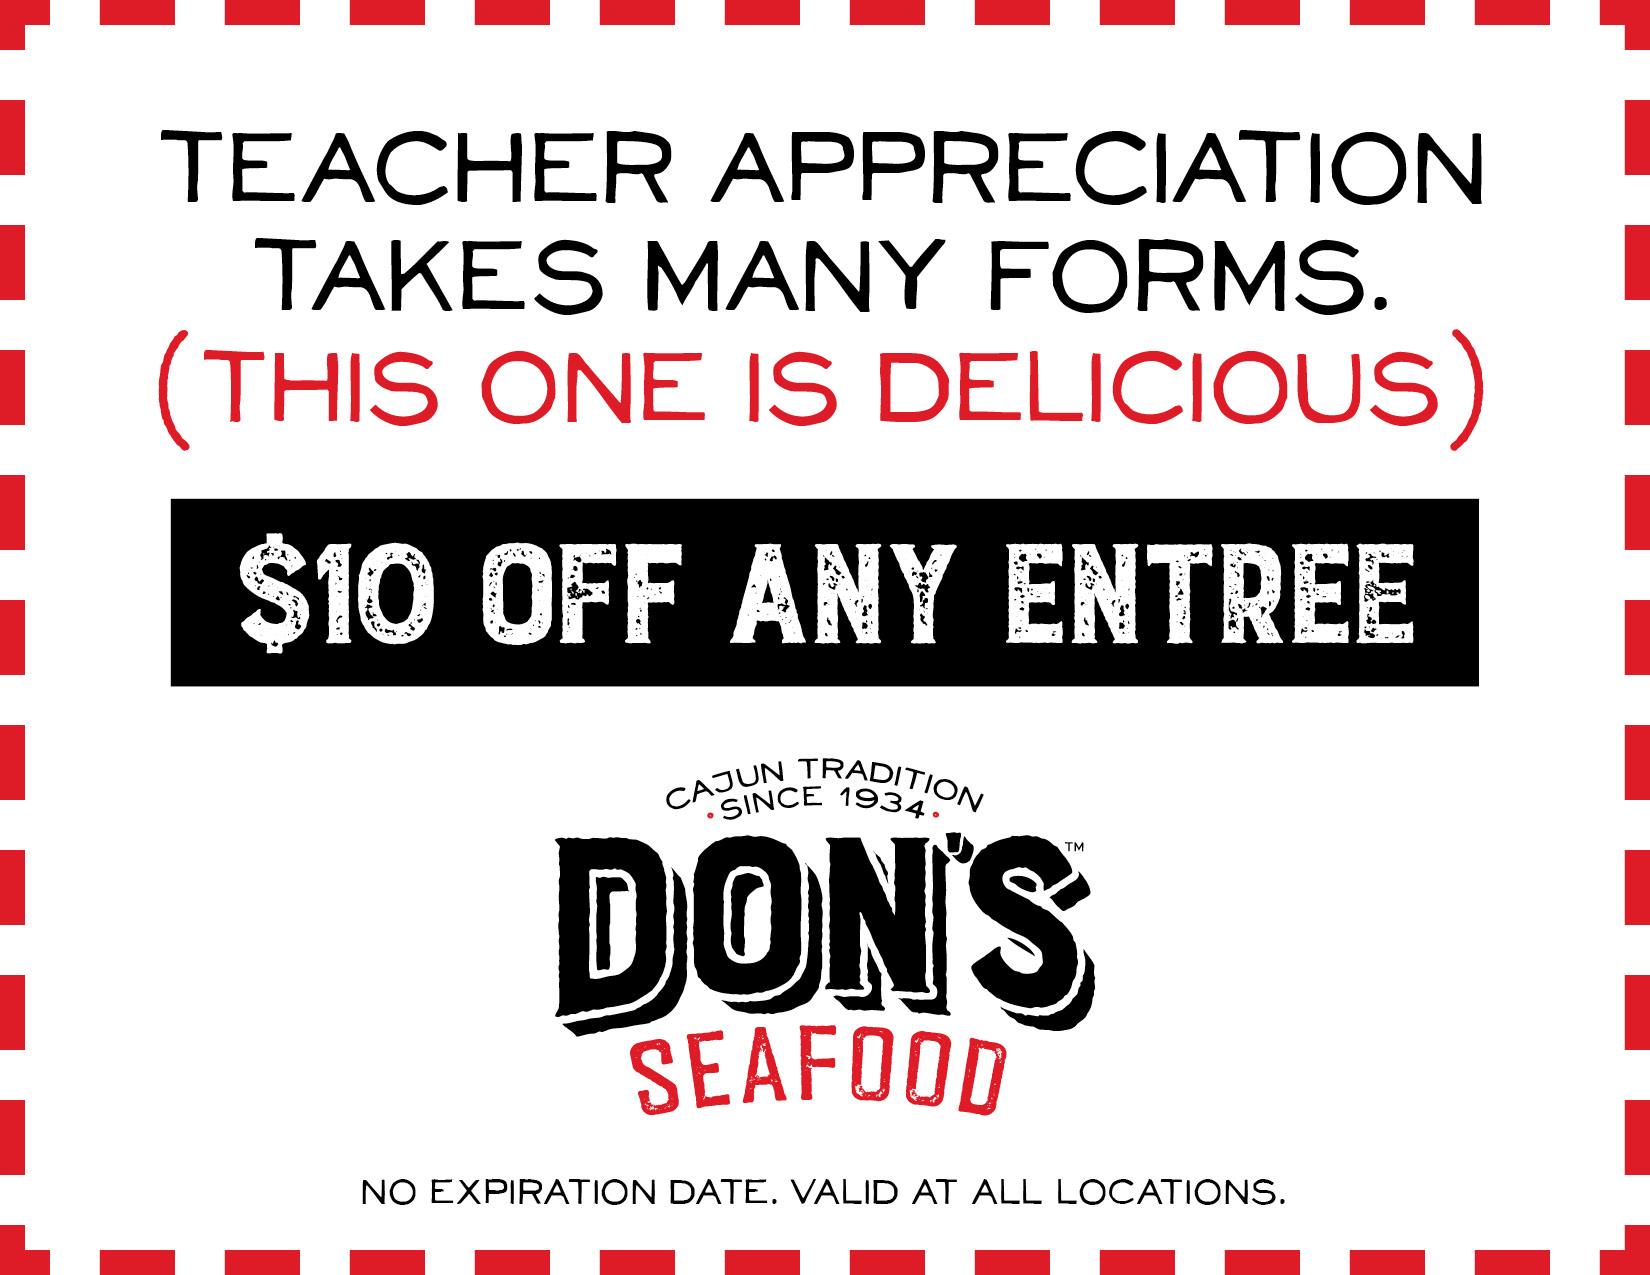 Dons Seafood TeacherApprec coupon 2.jpg